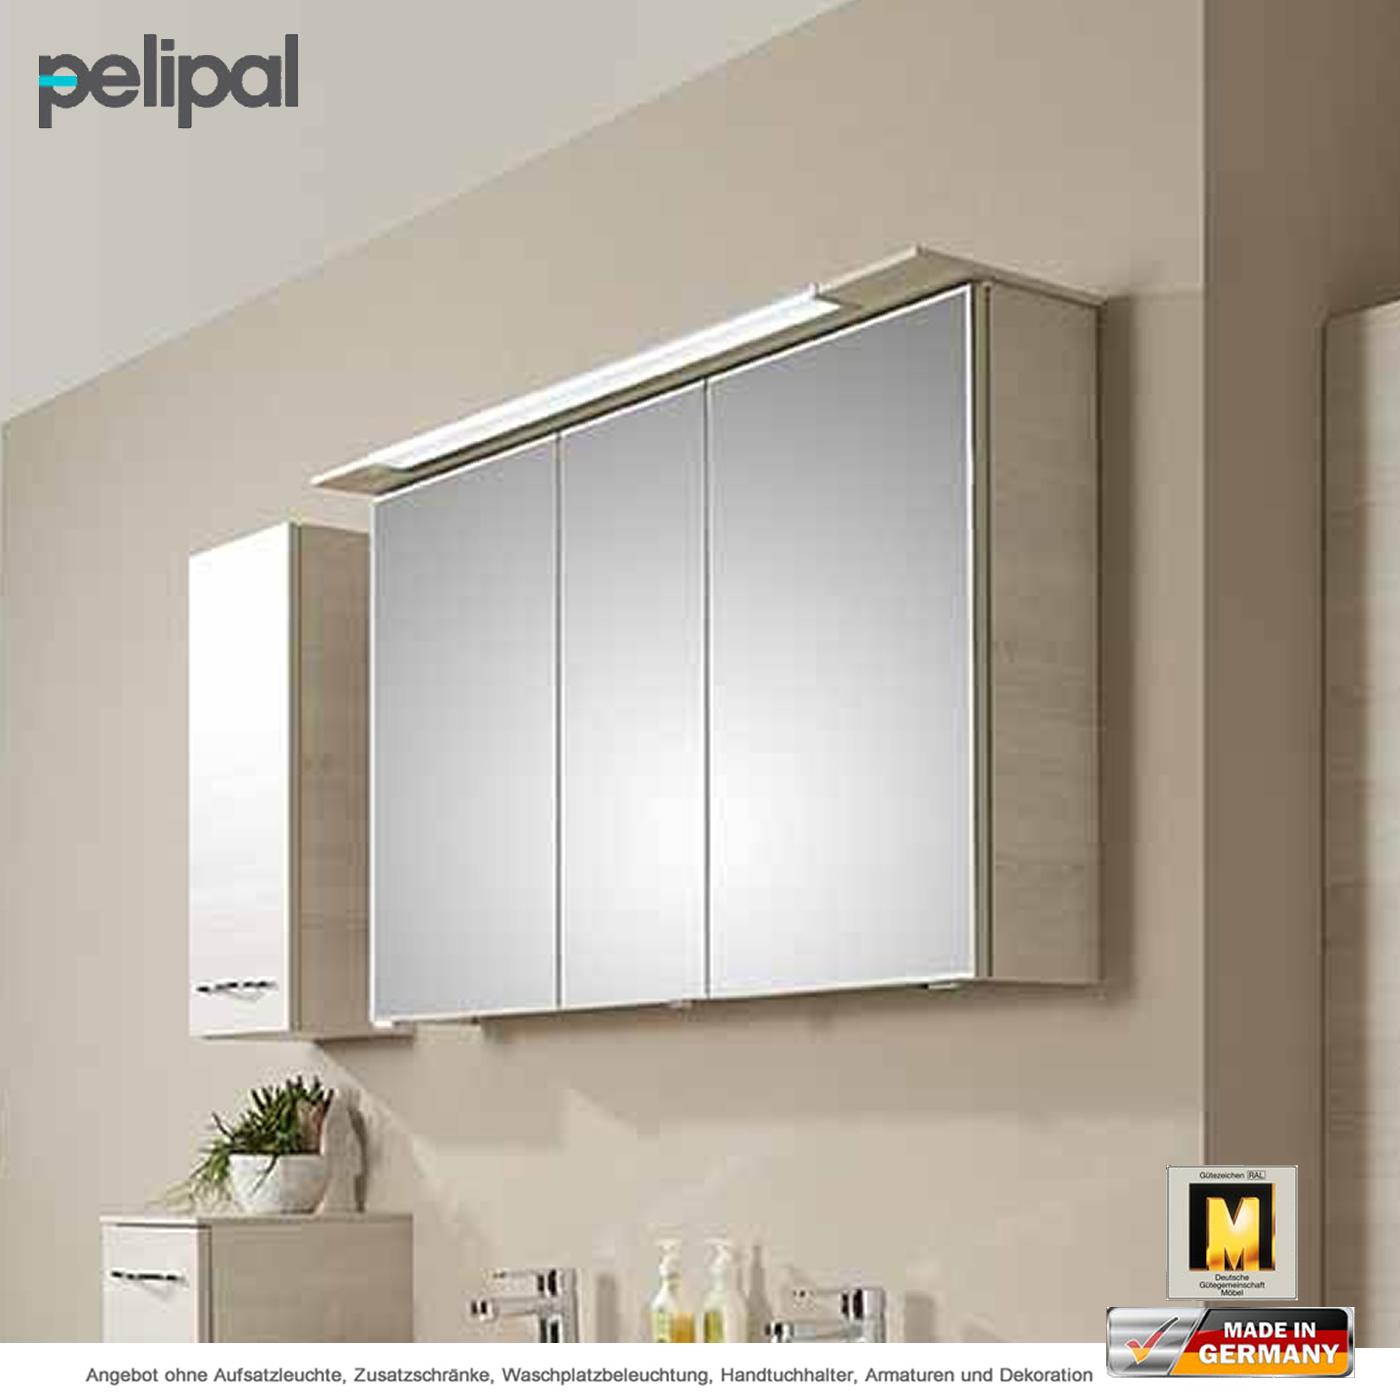 Pelipal solitaire 6110 spiegelschrank 120 cm mit led for Spiegelschrank 120